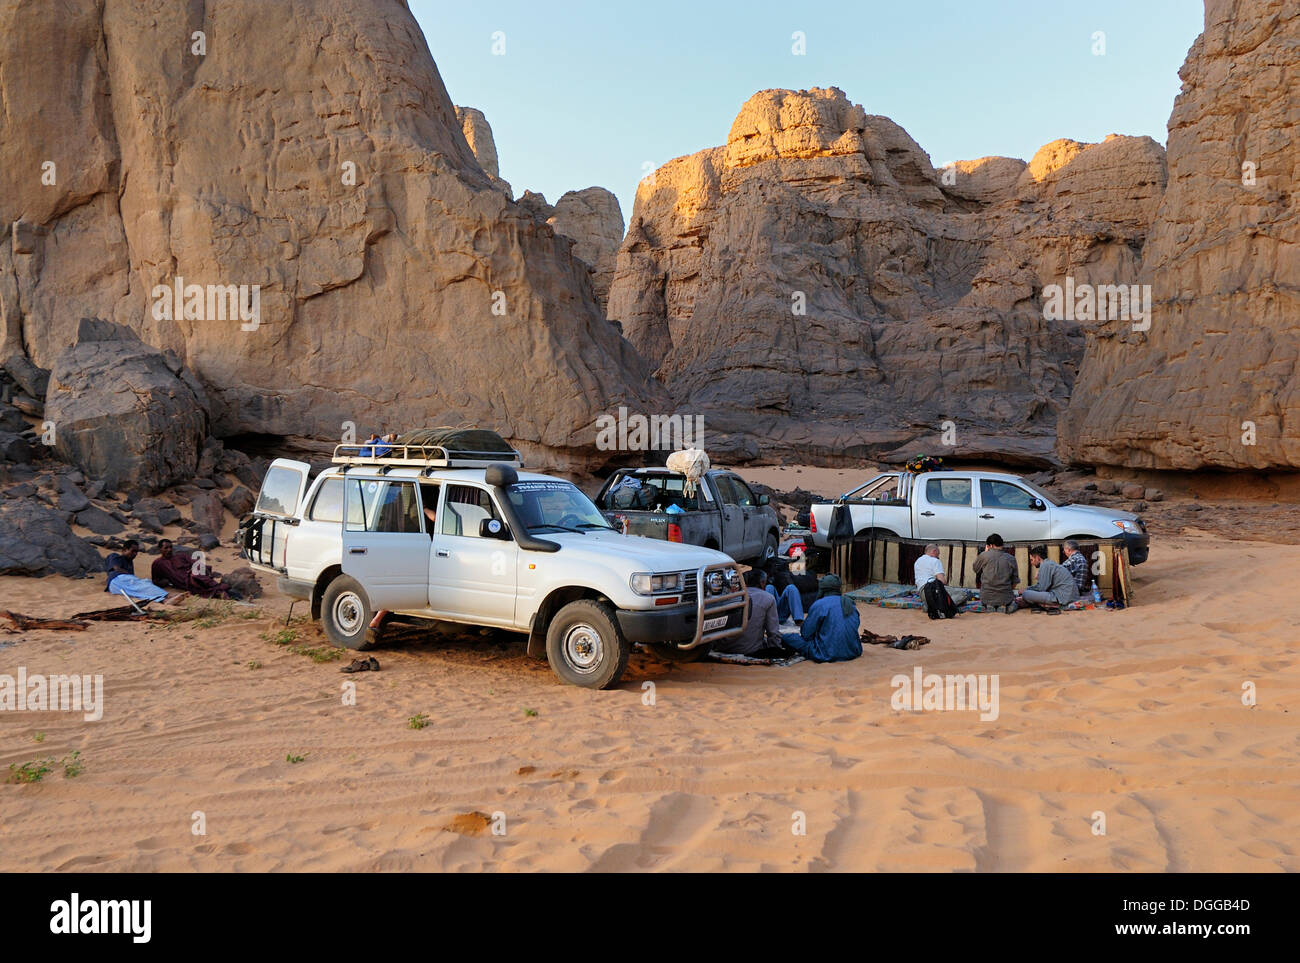 Camp in the rocky desert landscape at El Ghessour, Tassili du Hoggar, Wilaya Tamanrasset, Algeria, Sahara, North Africa - Stock Image